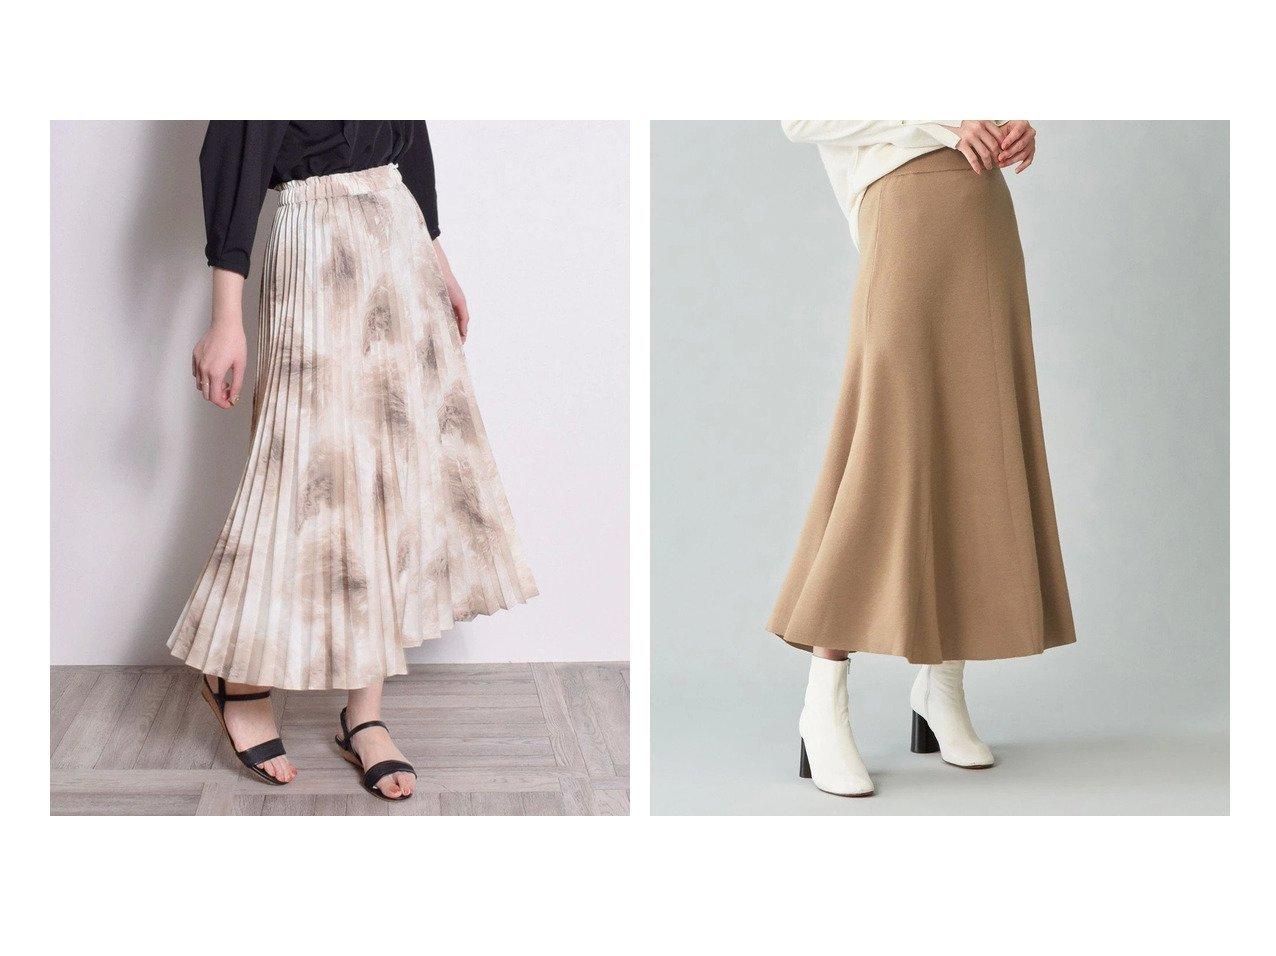 【any SiS/エニィ スィス】の【WEB&一部店舗限定】マーブルプリント スカート&【BEIGE,/ベイジ,】のニットスカート 【スカート】おすすめ!人気、トレンド・レディースファッションの通販 おすすめで人気の流行・トレンド、ファッションの通販商品 インテリア・家具・メンズファッション・キッズファッション・レディースファッション・服の通販 founy(ファニー) https://founy.com/ ファッション Fashion レディースファッション WOMEN スカート Skirt 送料無料 Free Shipping フェミニン プリント プリーツ マーブル ミモレ 2021年 2021 2021-2022秋冬・A/W AW・Autumn/Winter・FW・Fall-Winter・2021-2022 A/W・秋冬 AW・Autumn/Winter・FW・Fall-Winter おすすめ Recommend エレガント スウェット ハイネック パーカー フレア  ID:crp329100000068454